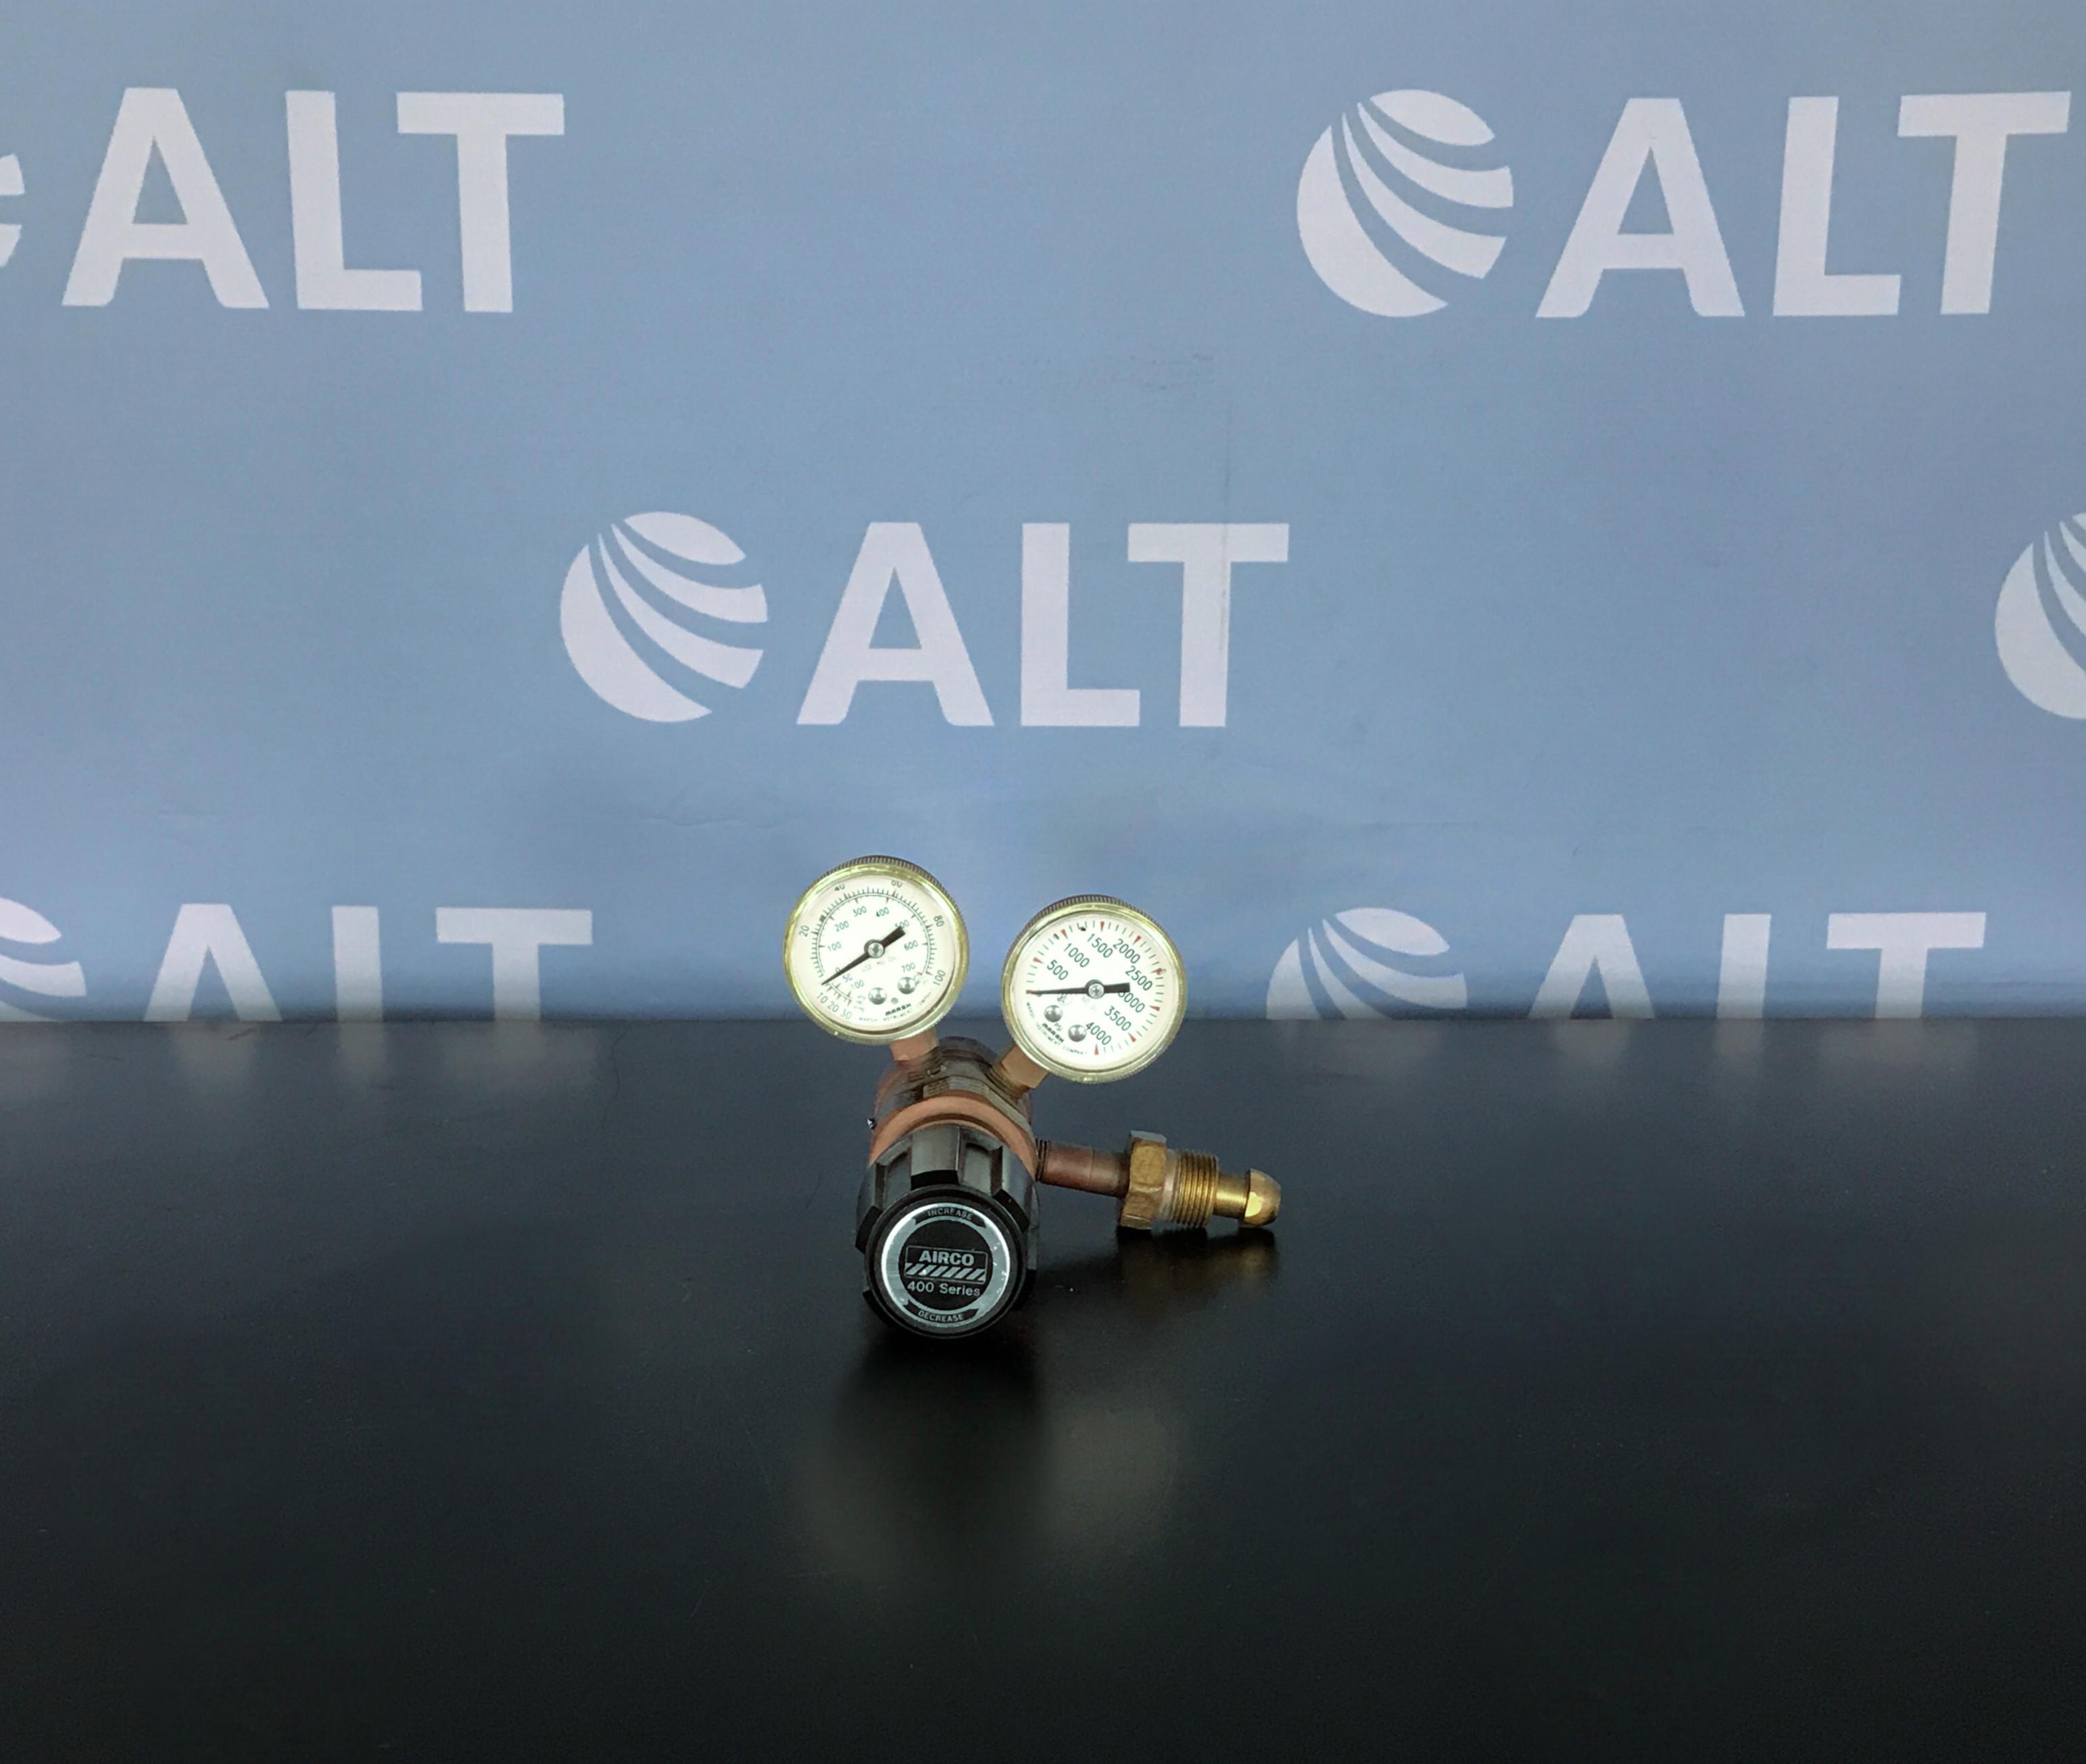 Airco Series 400 Gas Regulator Image